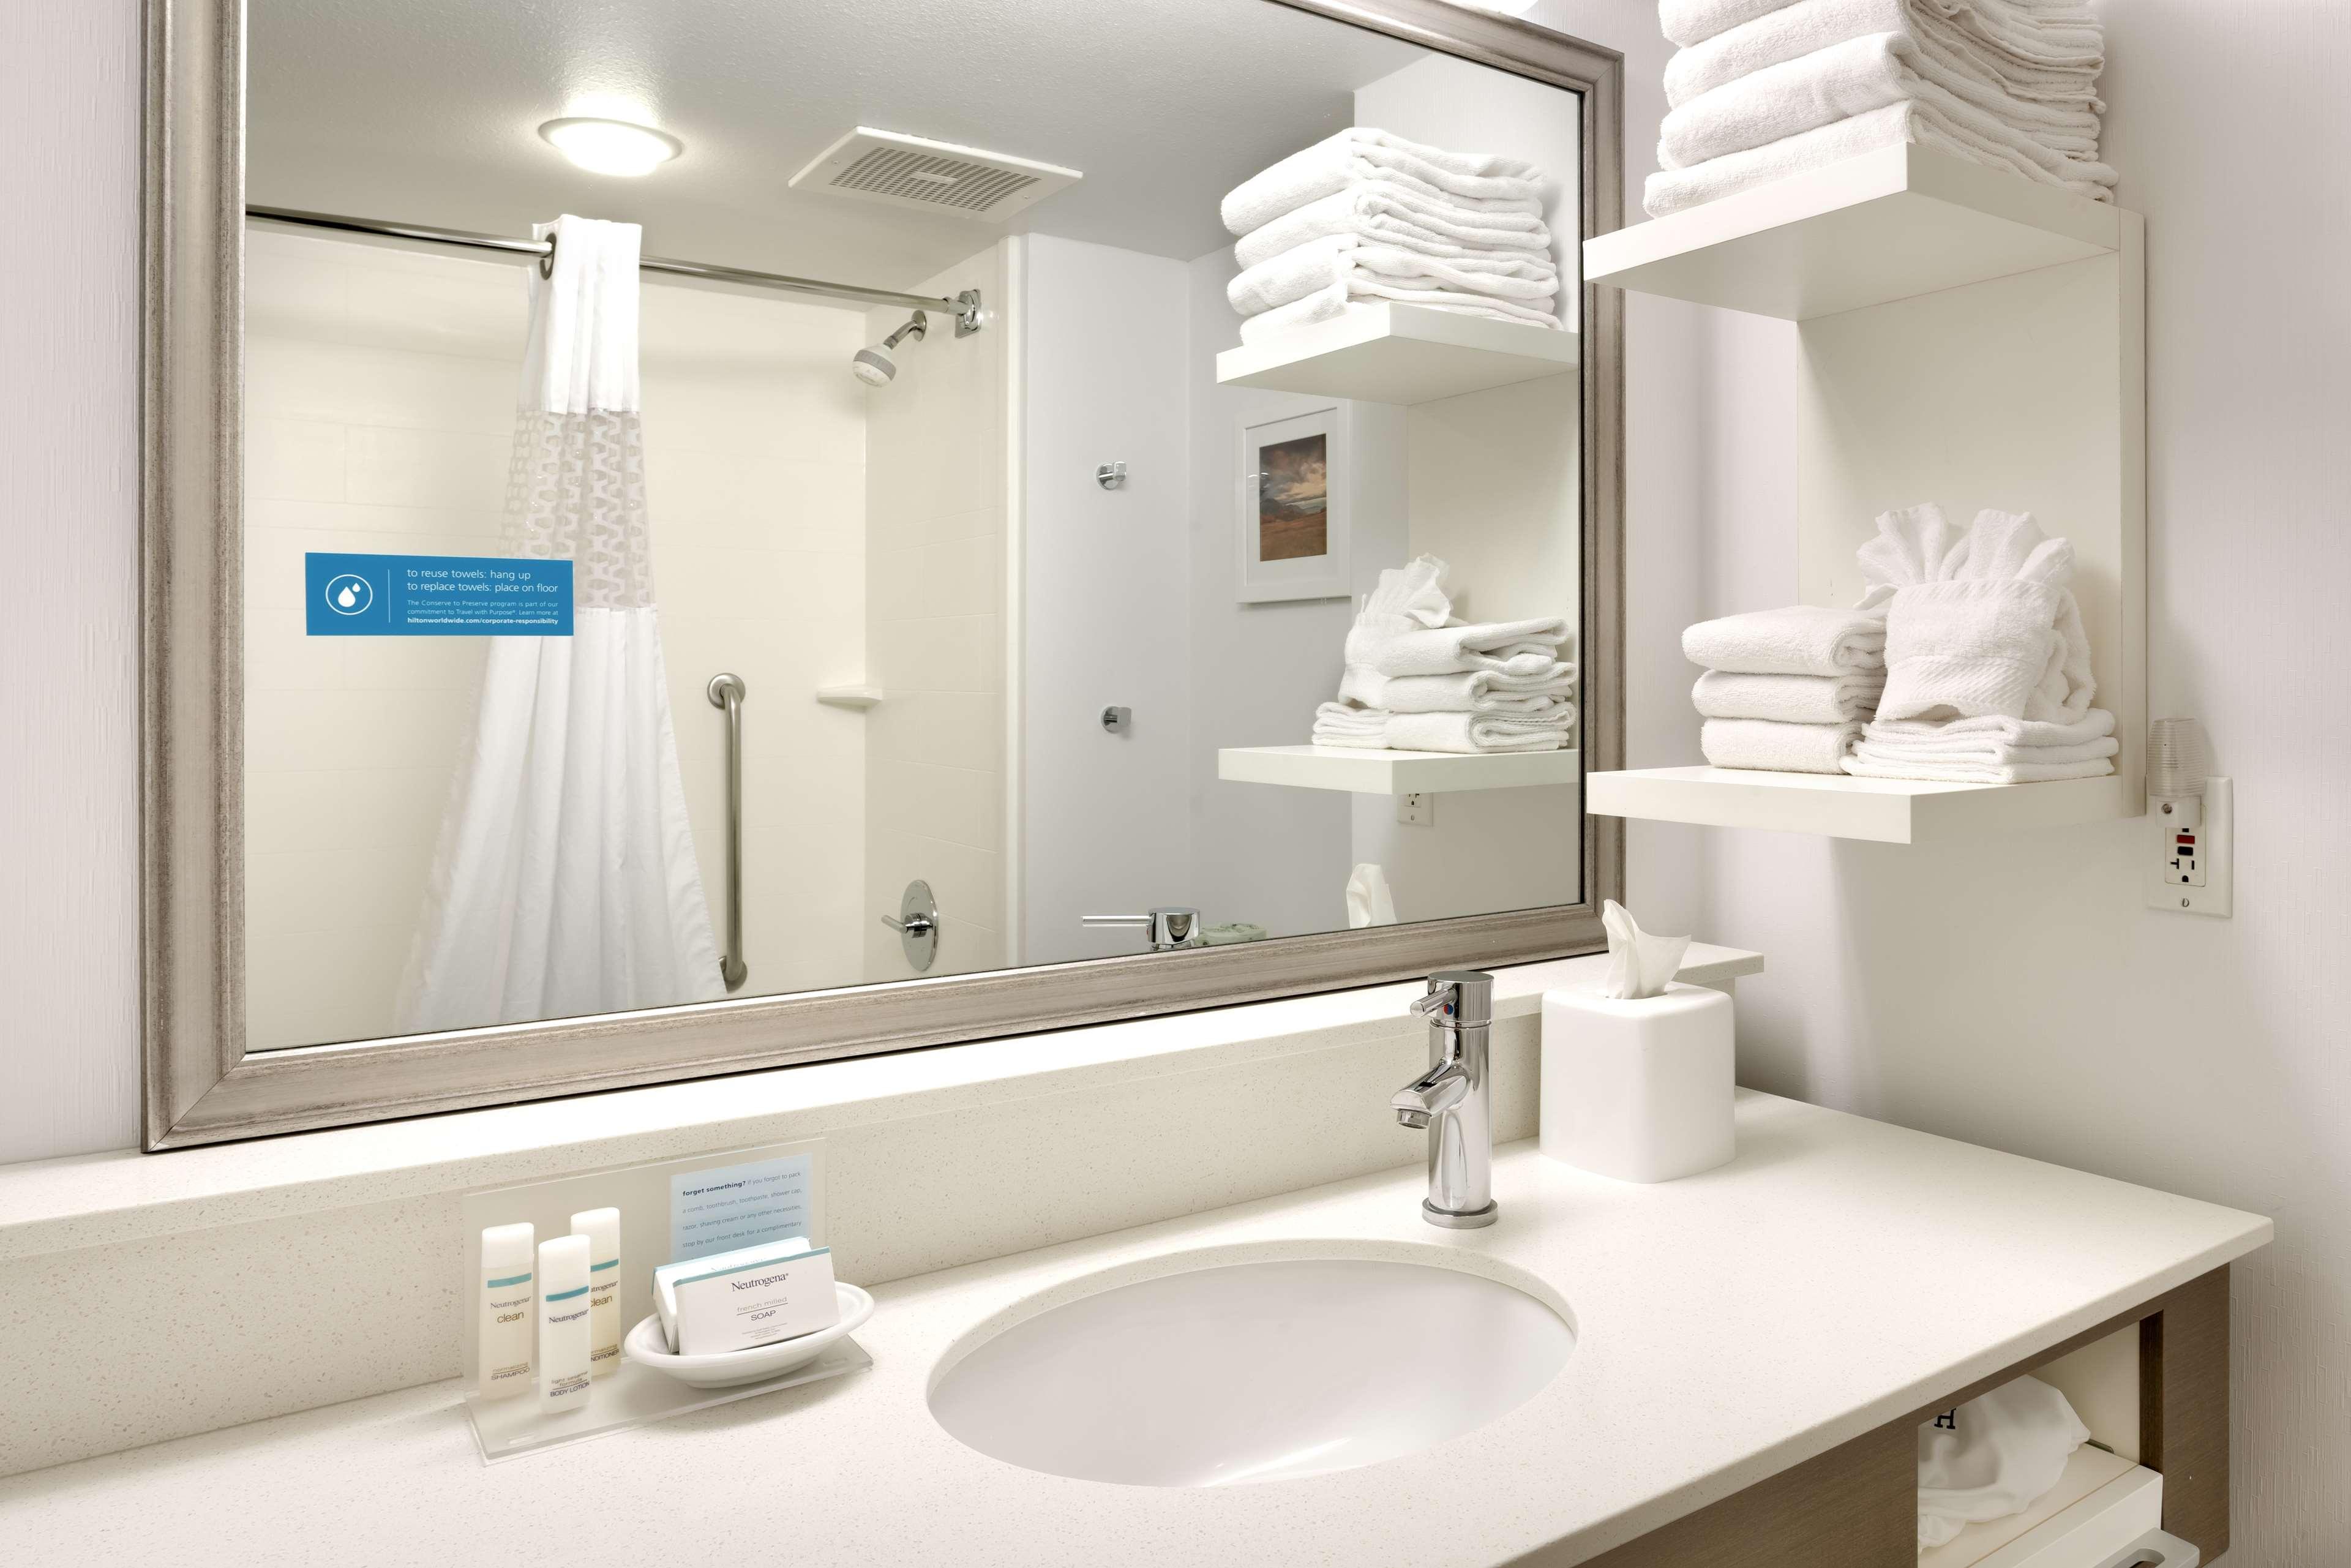 Hampton Inn & Suites Orem image 11